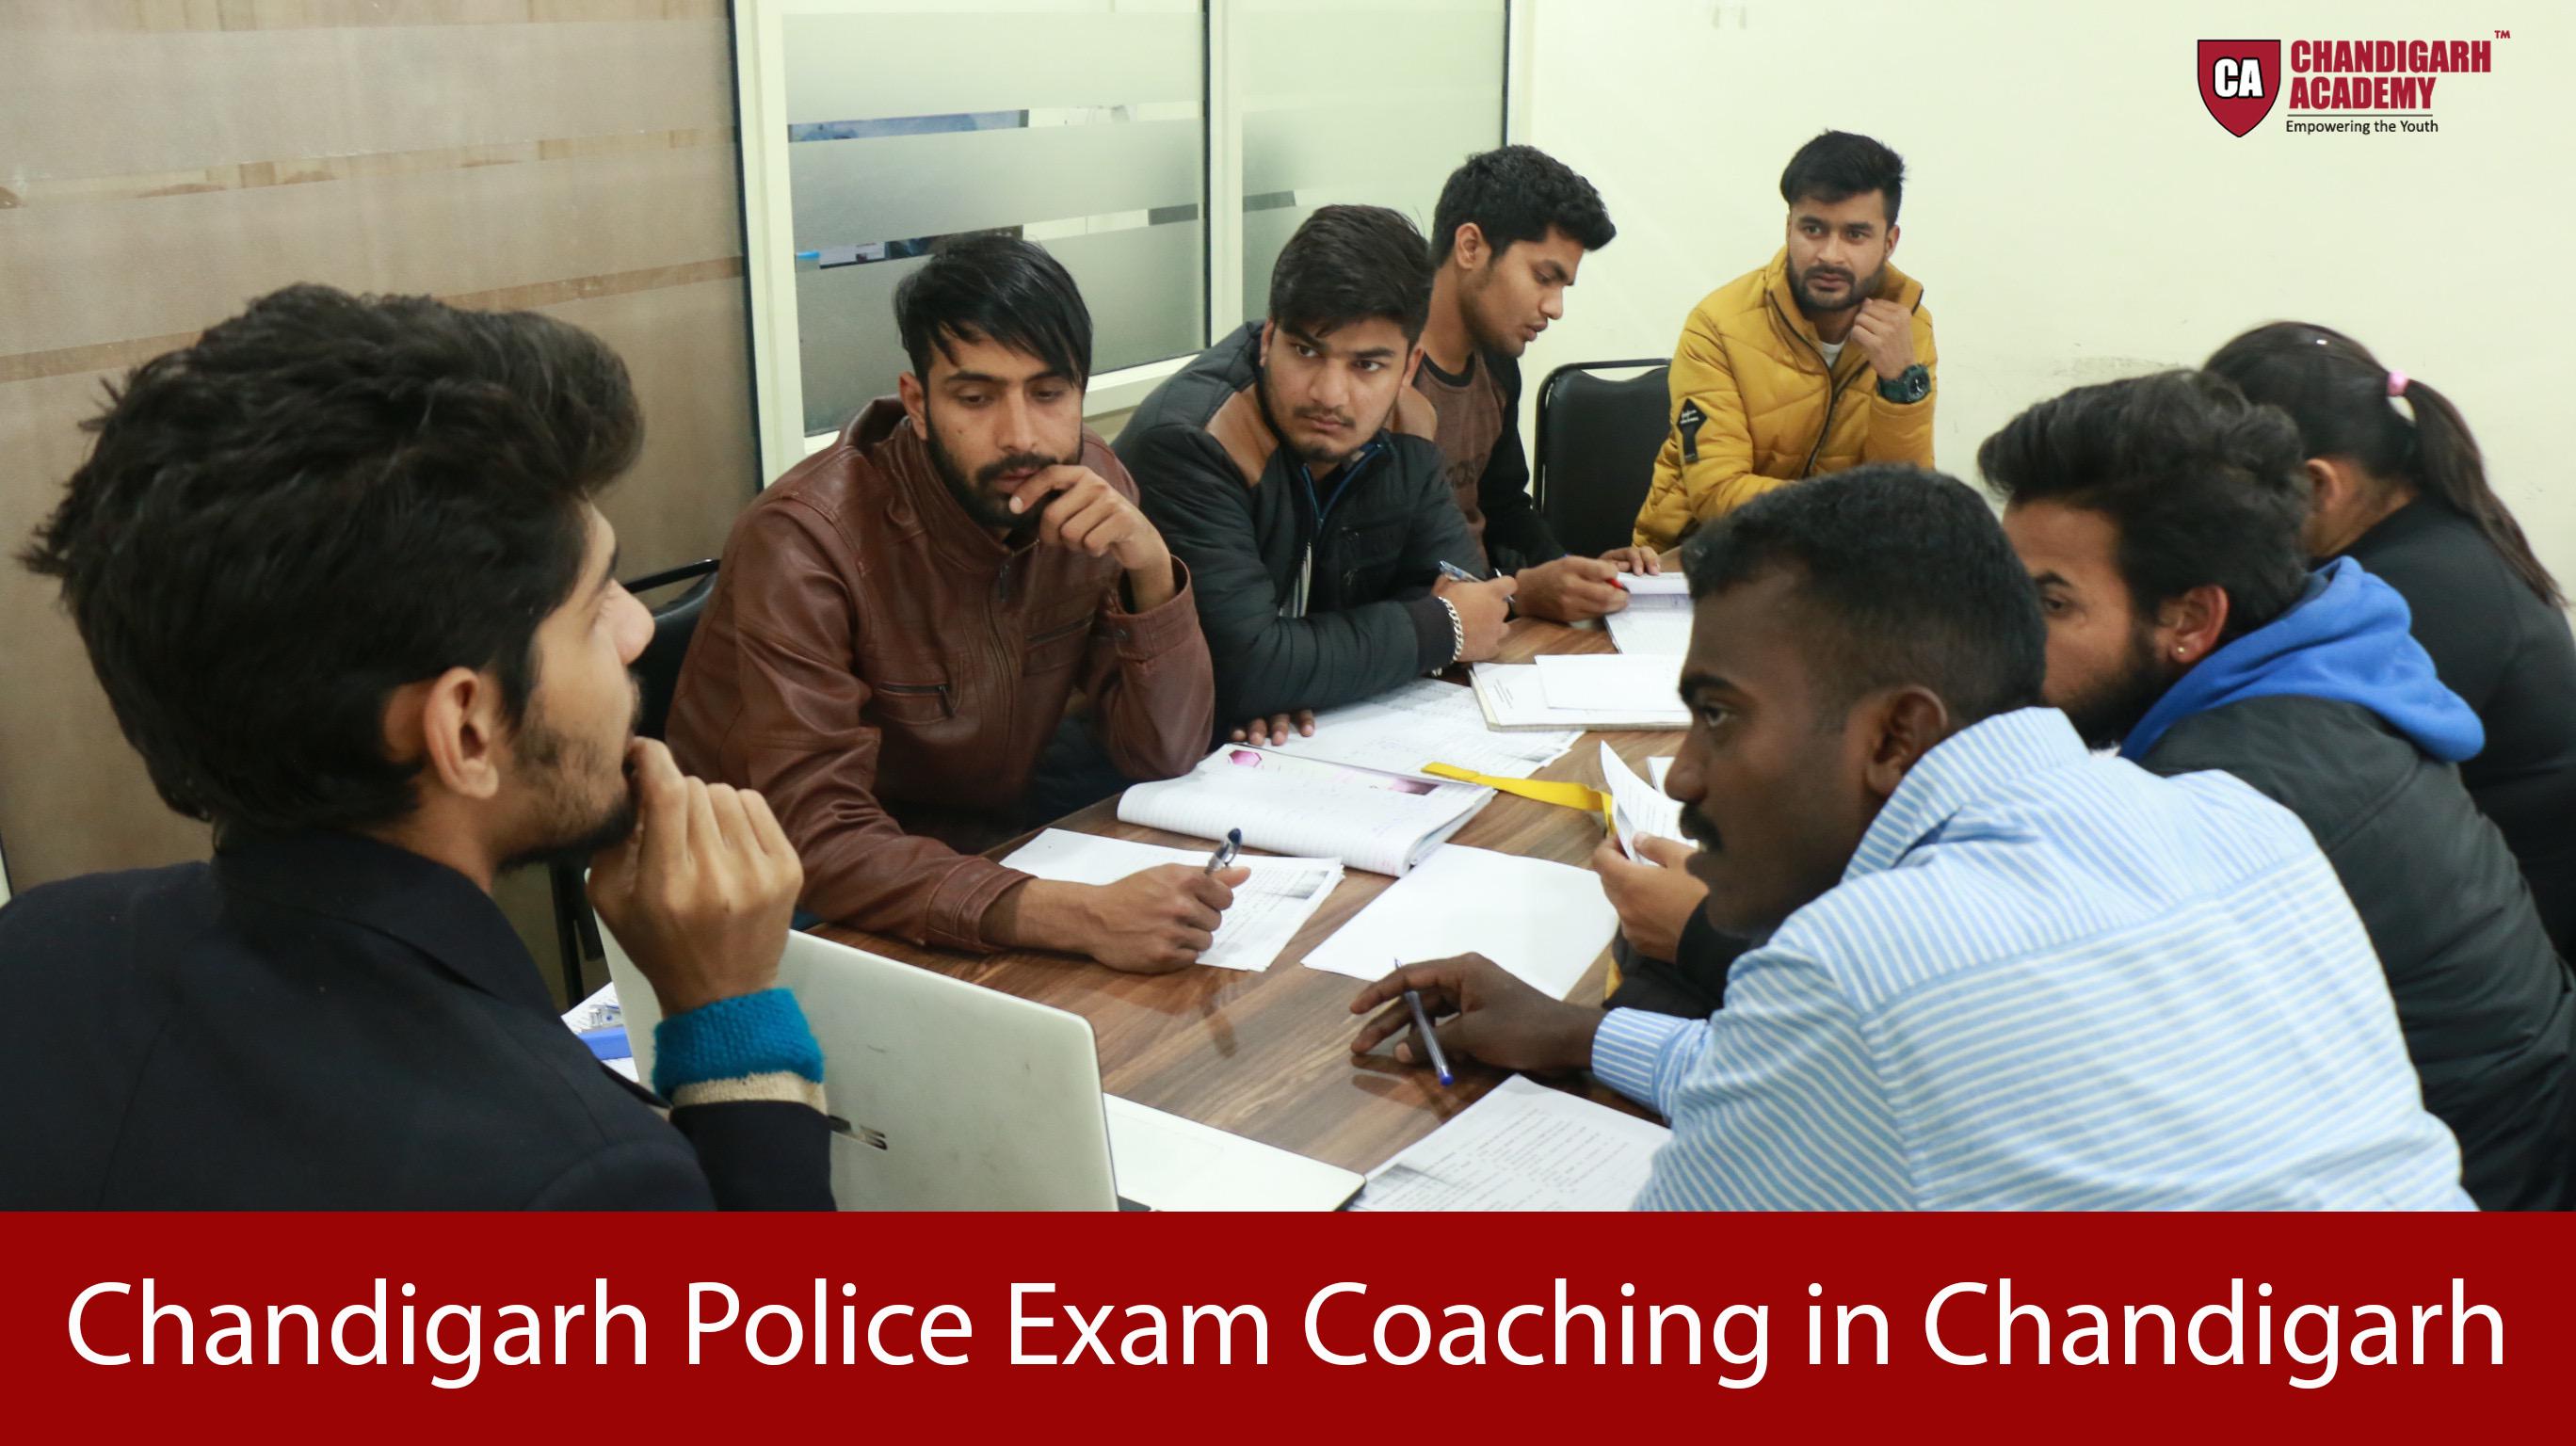 Chandigarh Police Exam Coaching in Chandigarh